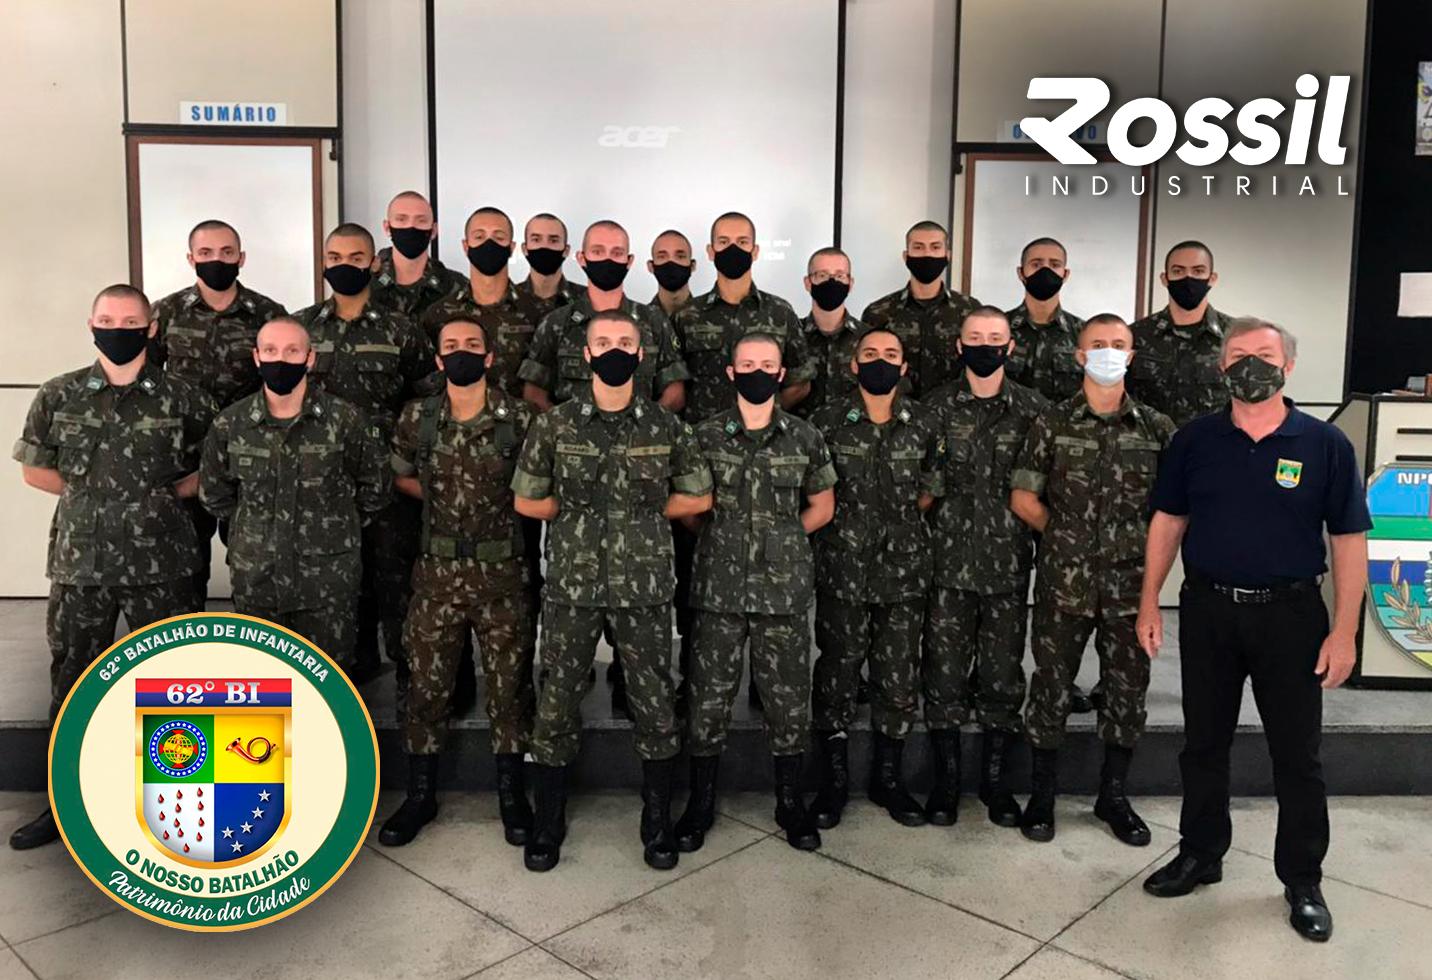 Diretor da Rossil participa do Ciclo de Palestras do 62° Batalhão de Infantaria